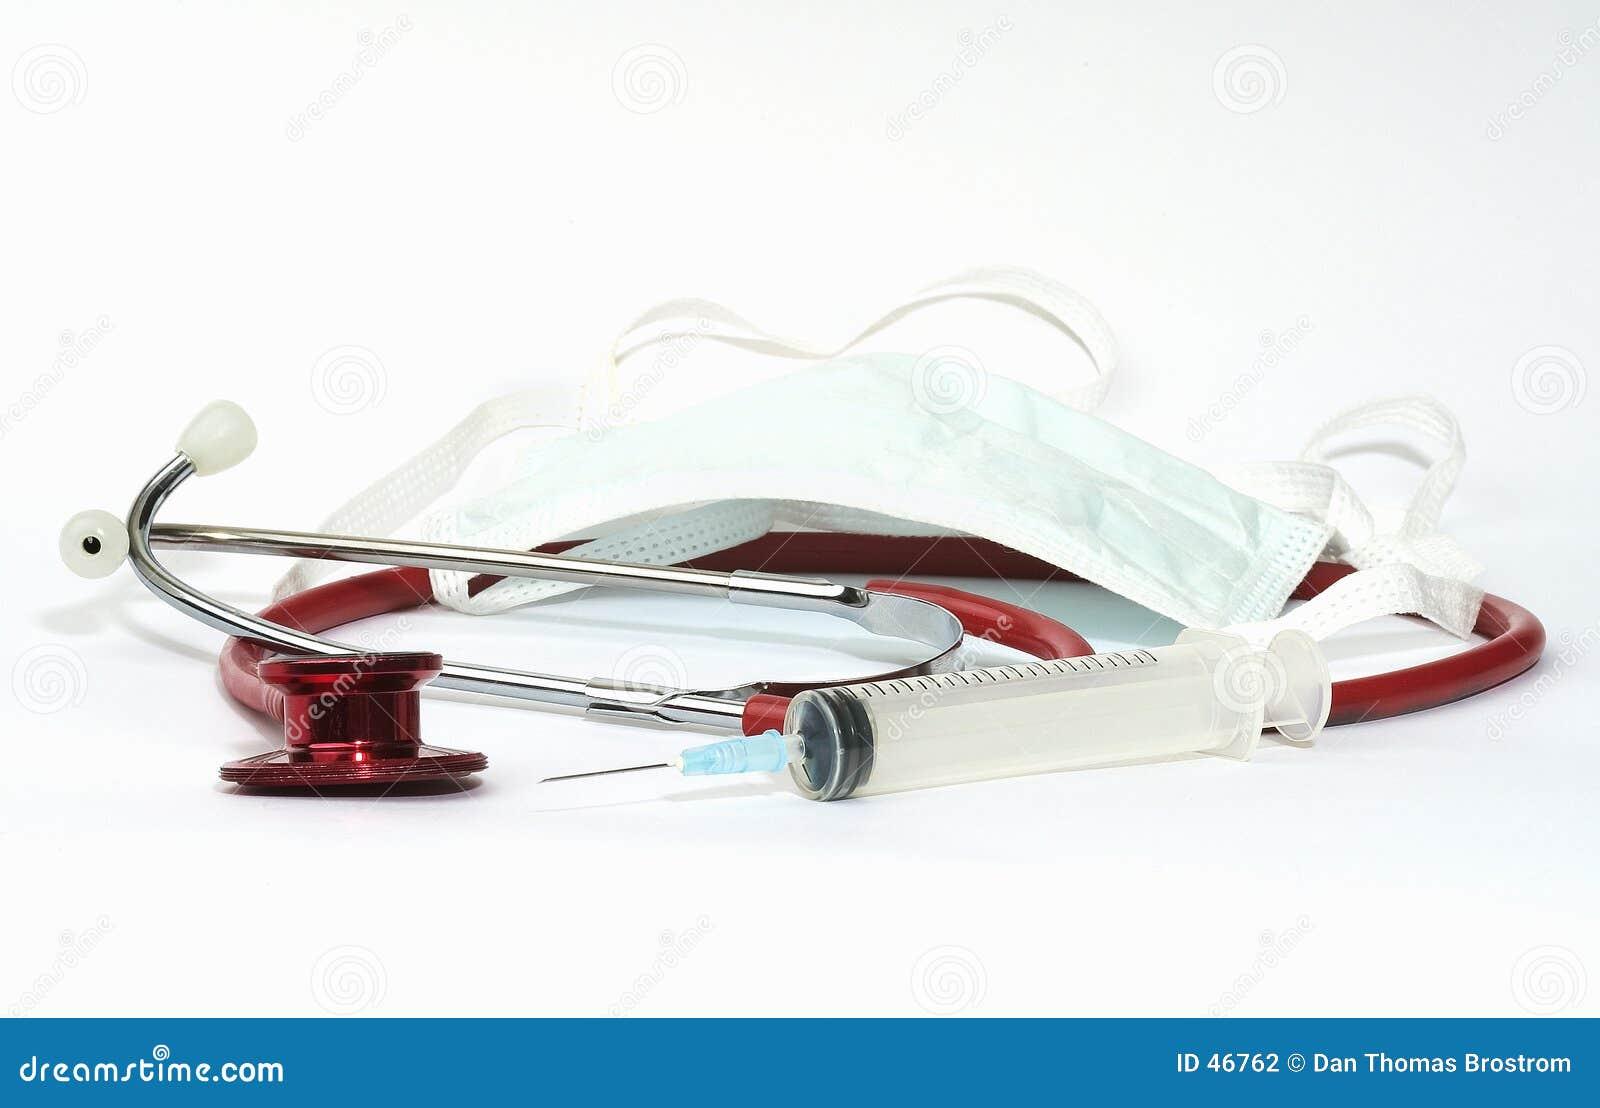 嘴保护听诊器注射器